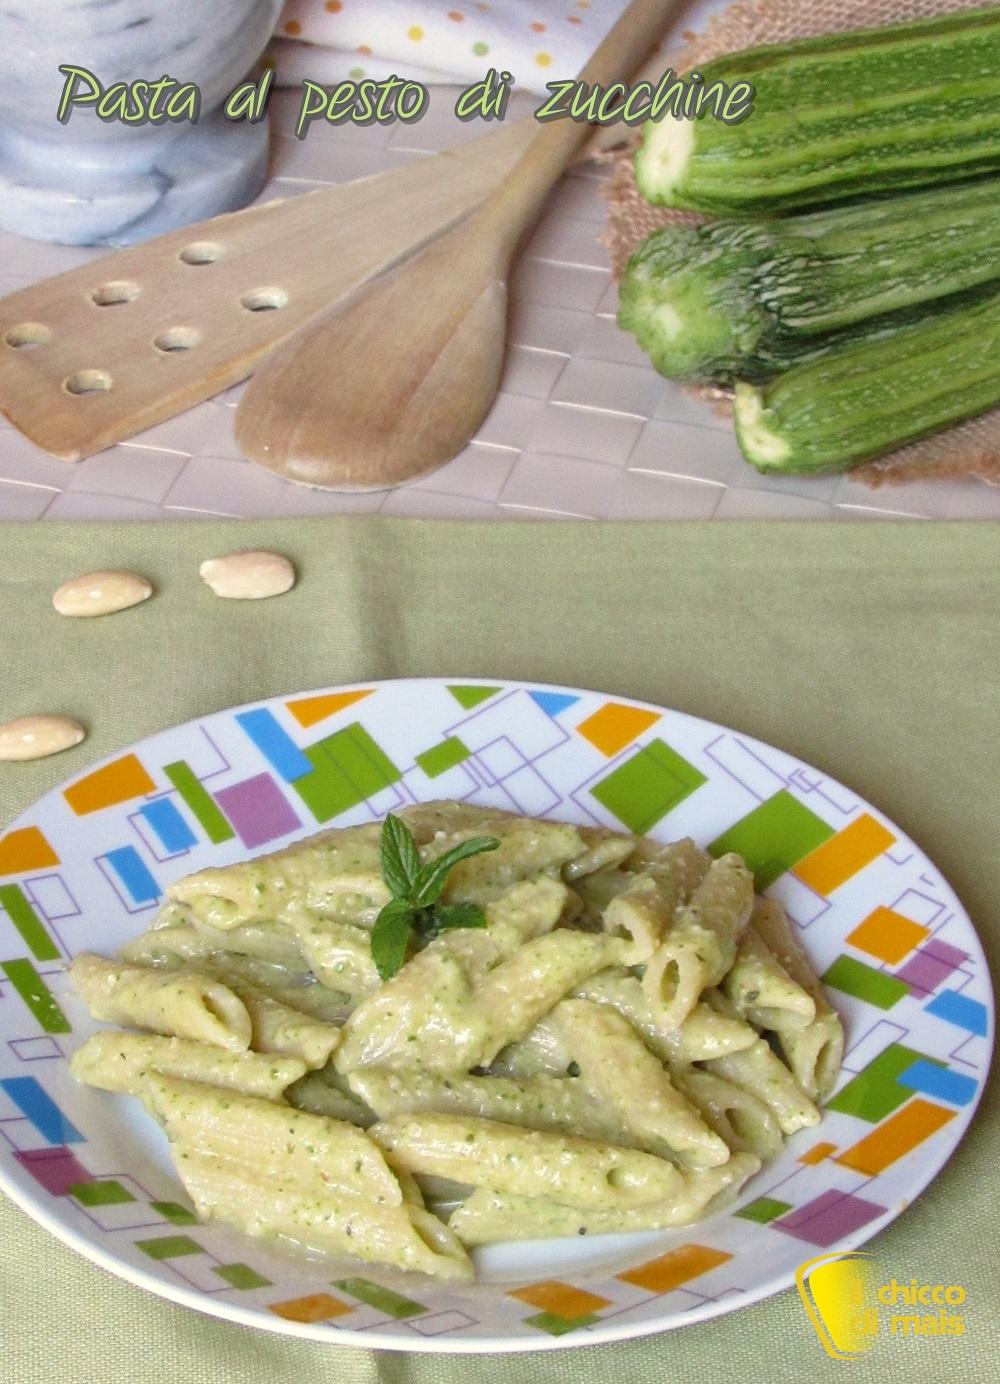 verticale_Pasta al pesto di zucchine ricetta light con zucchine cotte il chicco di mais